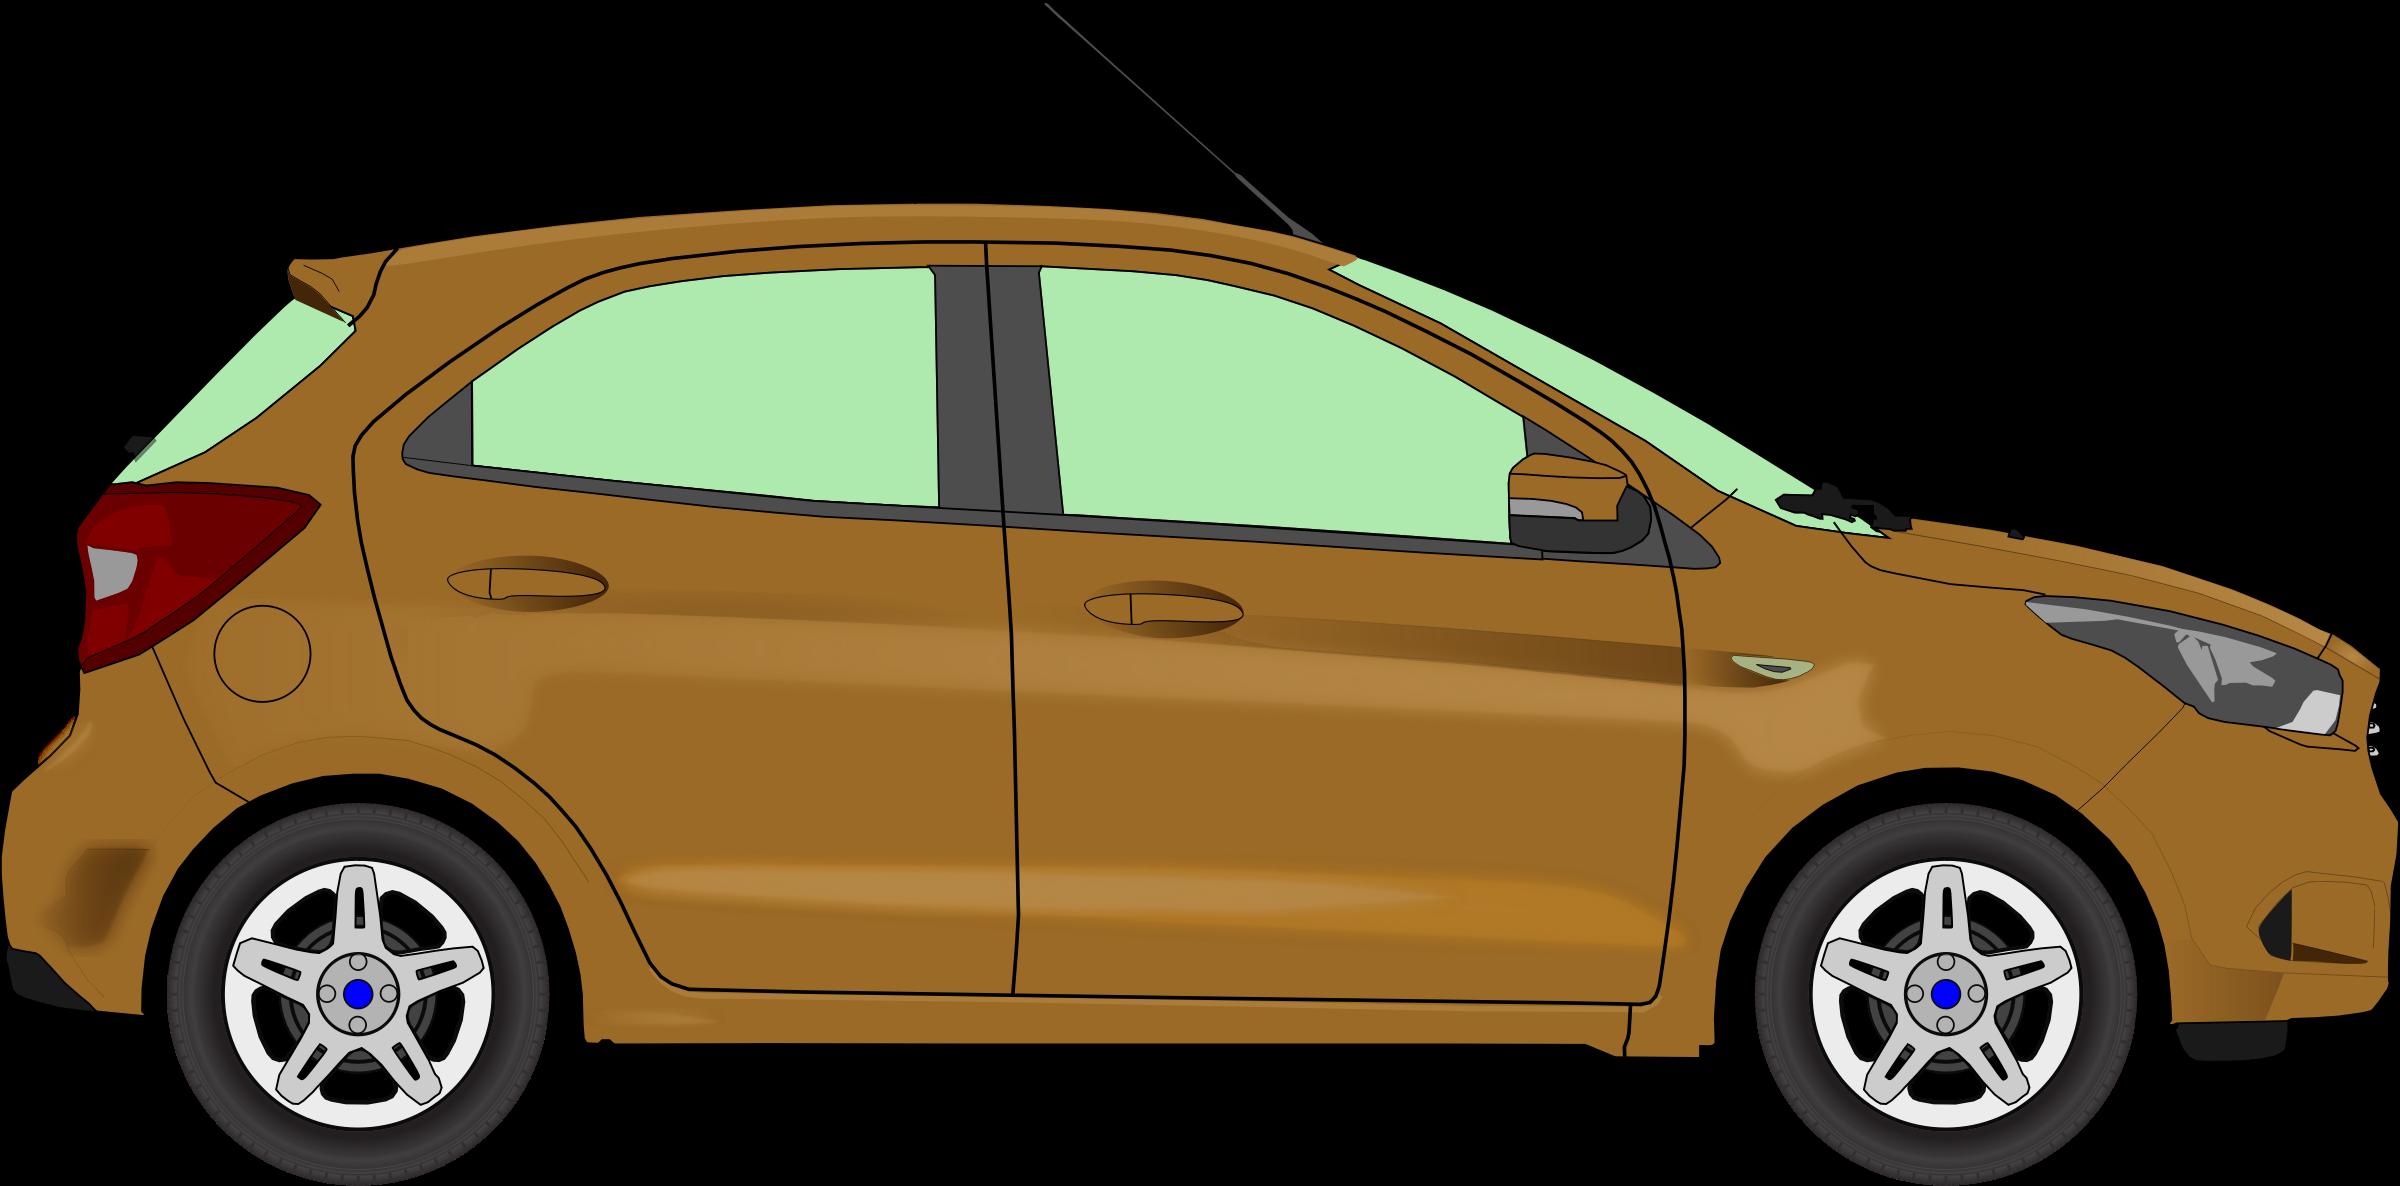 Car brown big image. Clipart cars pdf